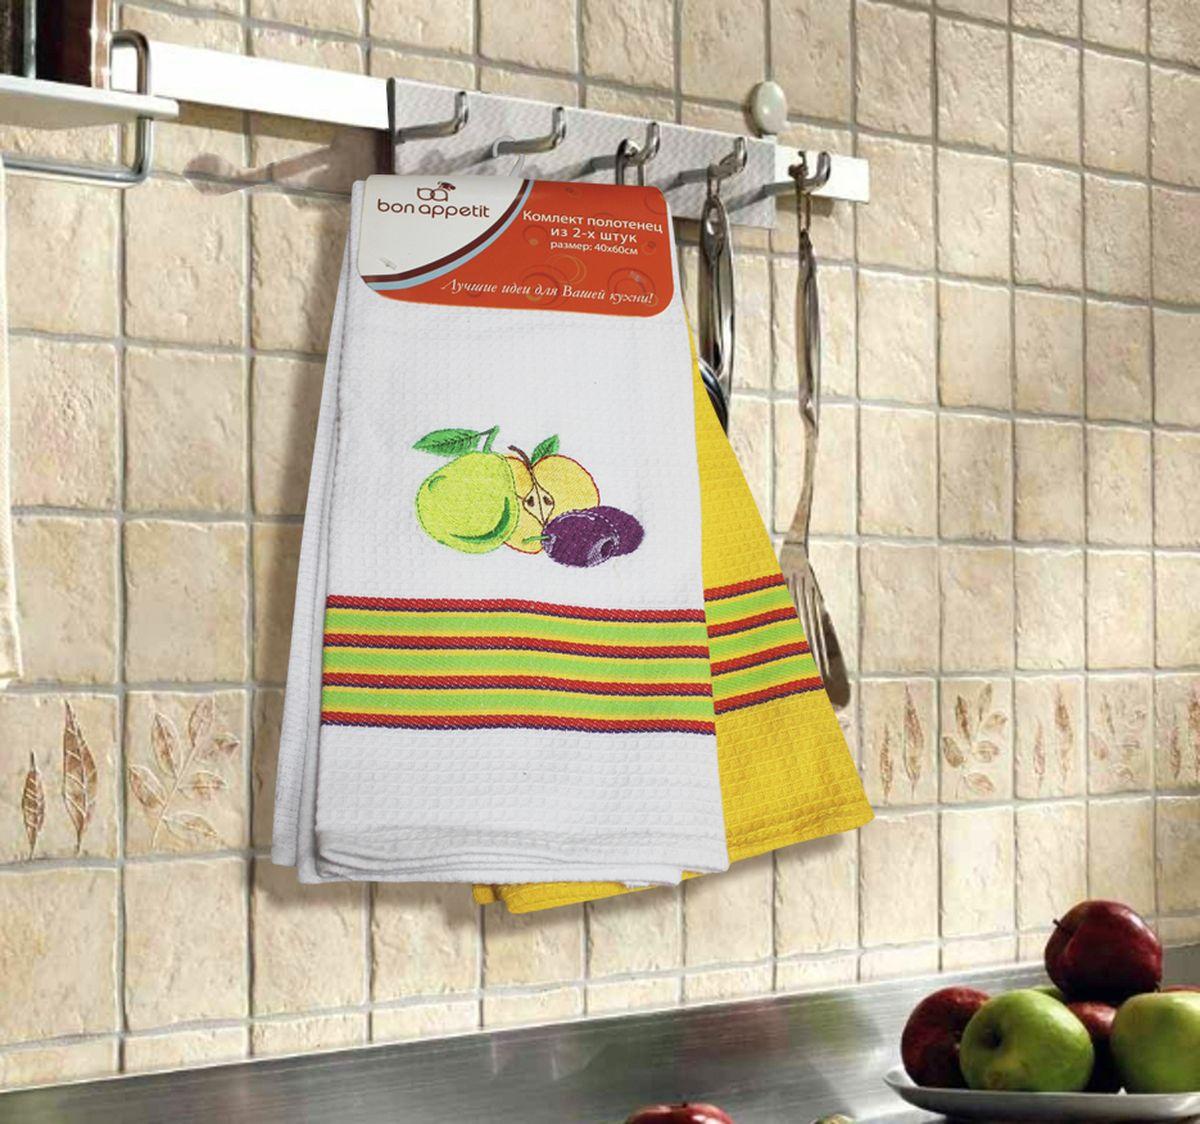 Набор кухонных полотенец Bon Appetit Fruits, цвет: желтый, 2 шт64859Кухонные Полотенца Bon Appetit - В помощь хозяйке на кухне!!! Кухонные Полотенца Bon Appetit идеально дополнят интерьер вашей кухни и создадут атмосферу уюта и комфорта. Полотенца выполнены из натурального 100% Хлопка, поэтому являются экологически чистыми. Качество материала гарантирует безопасность не только взрослых, но и самых маленьких членов семьи. Bon Appetit – Интерьер и Практичность Современной Кухни!